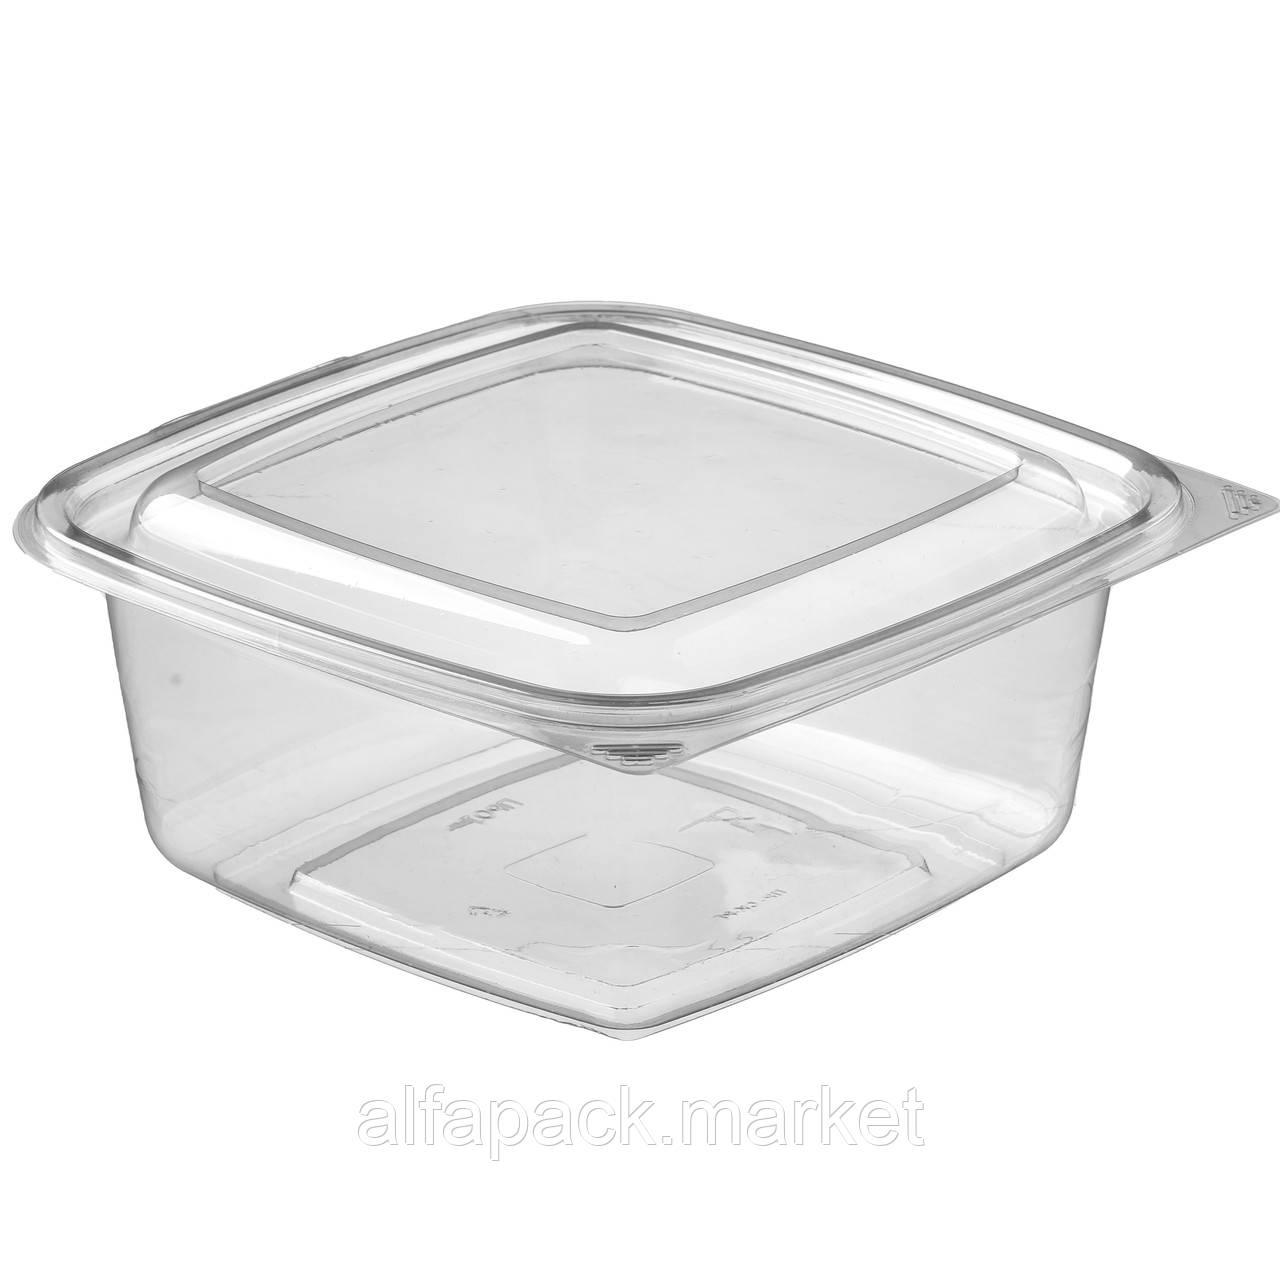 ПР-СК-РГ-1000 Упаковка для салатов 1000 мл, 168*168*76 (200 шт в упаковке) 010200041